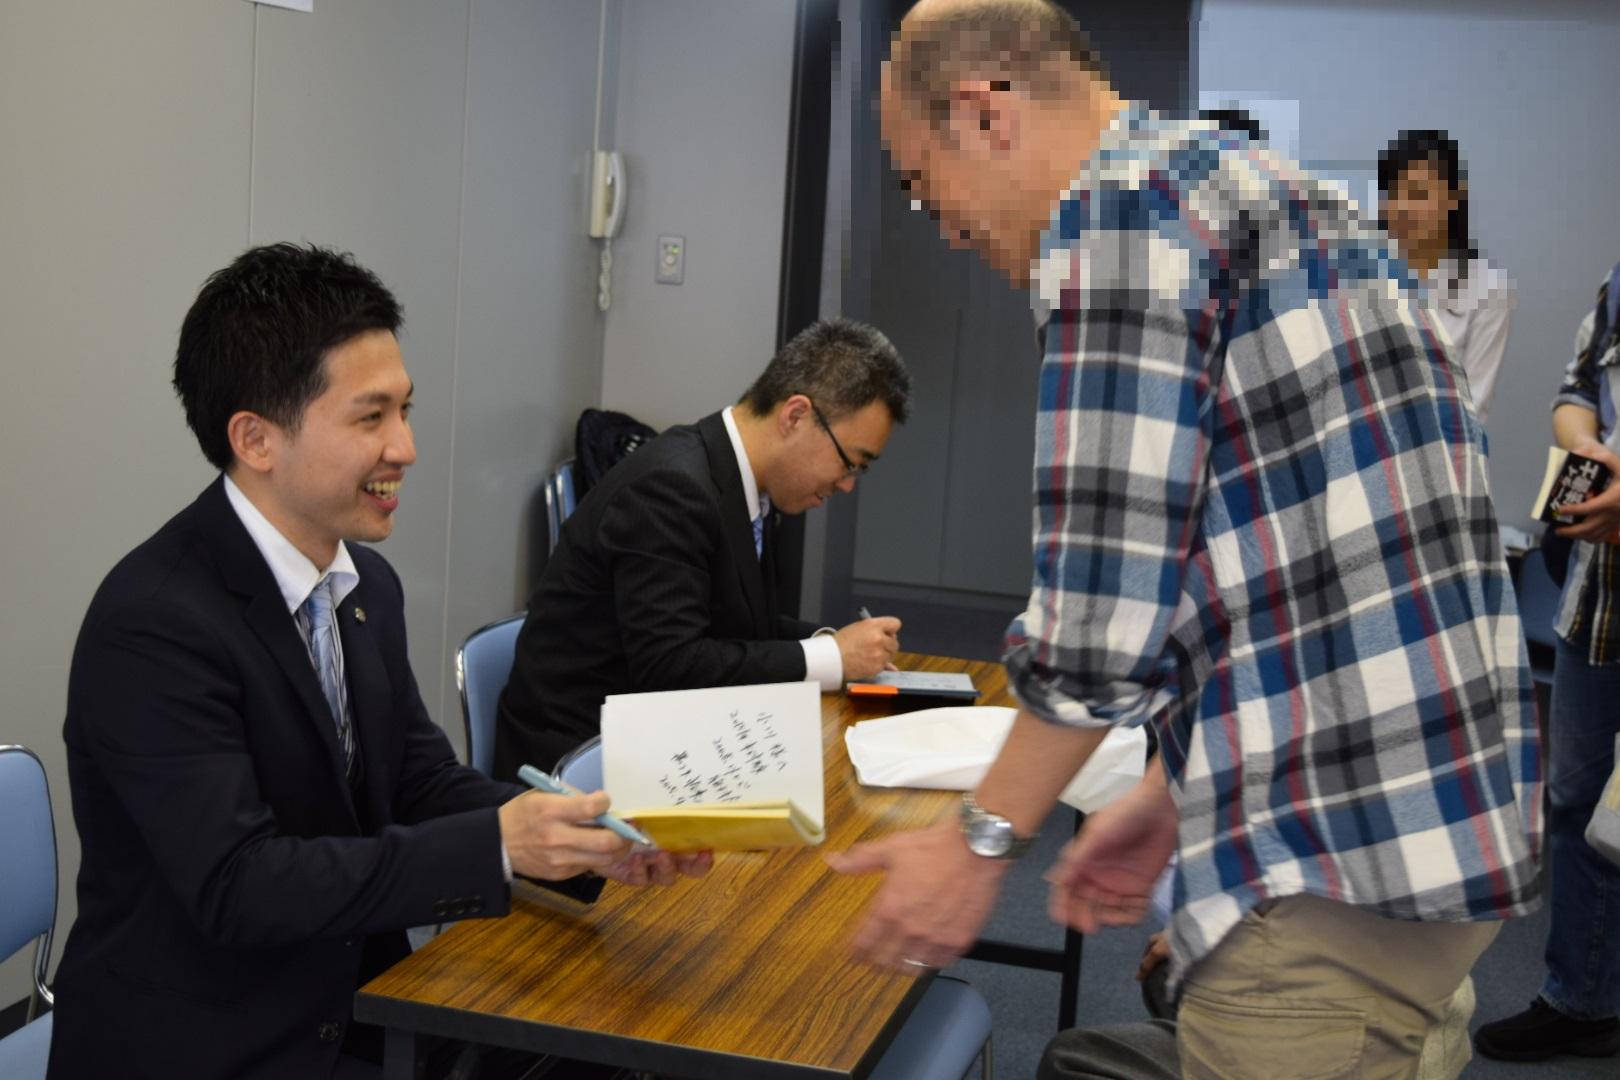 黒沢先生が本を渡しているところのモザイク